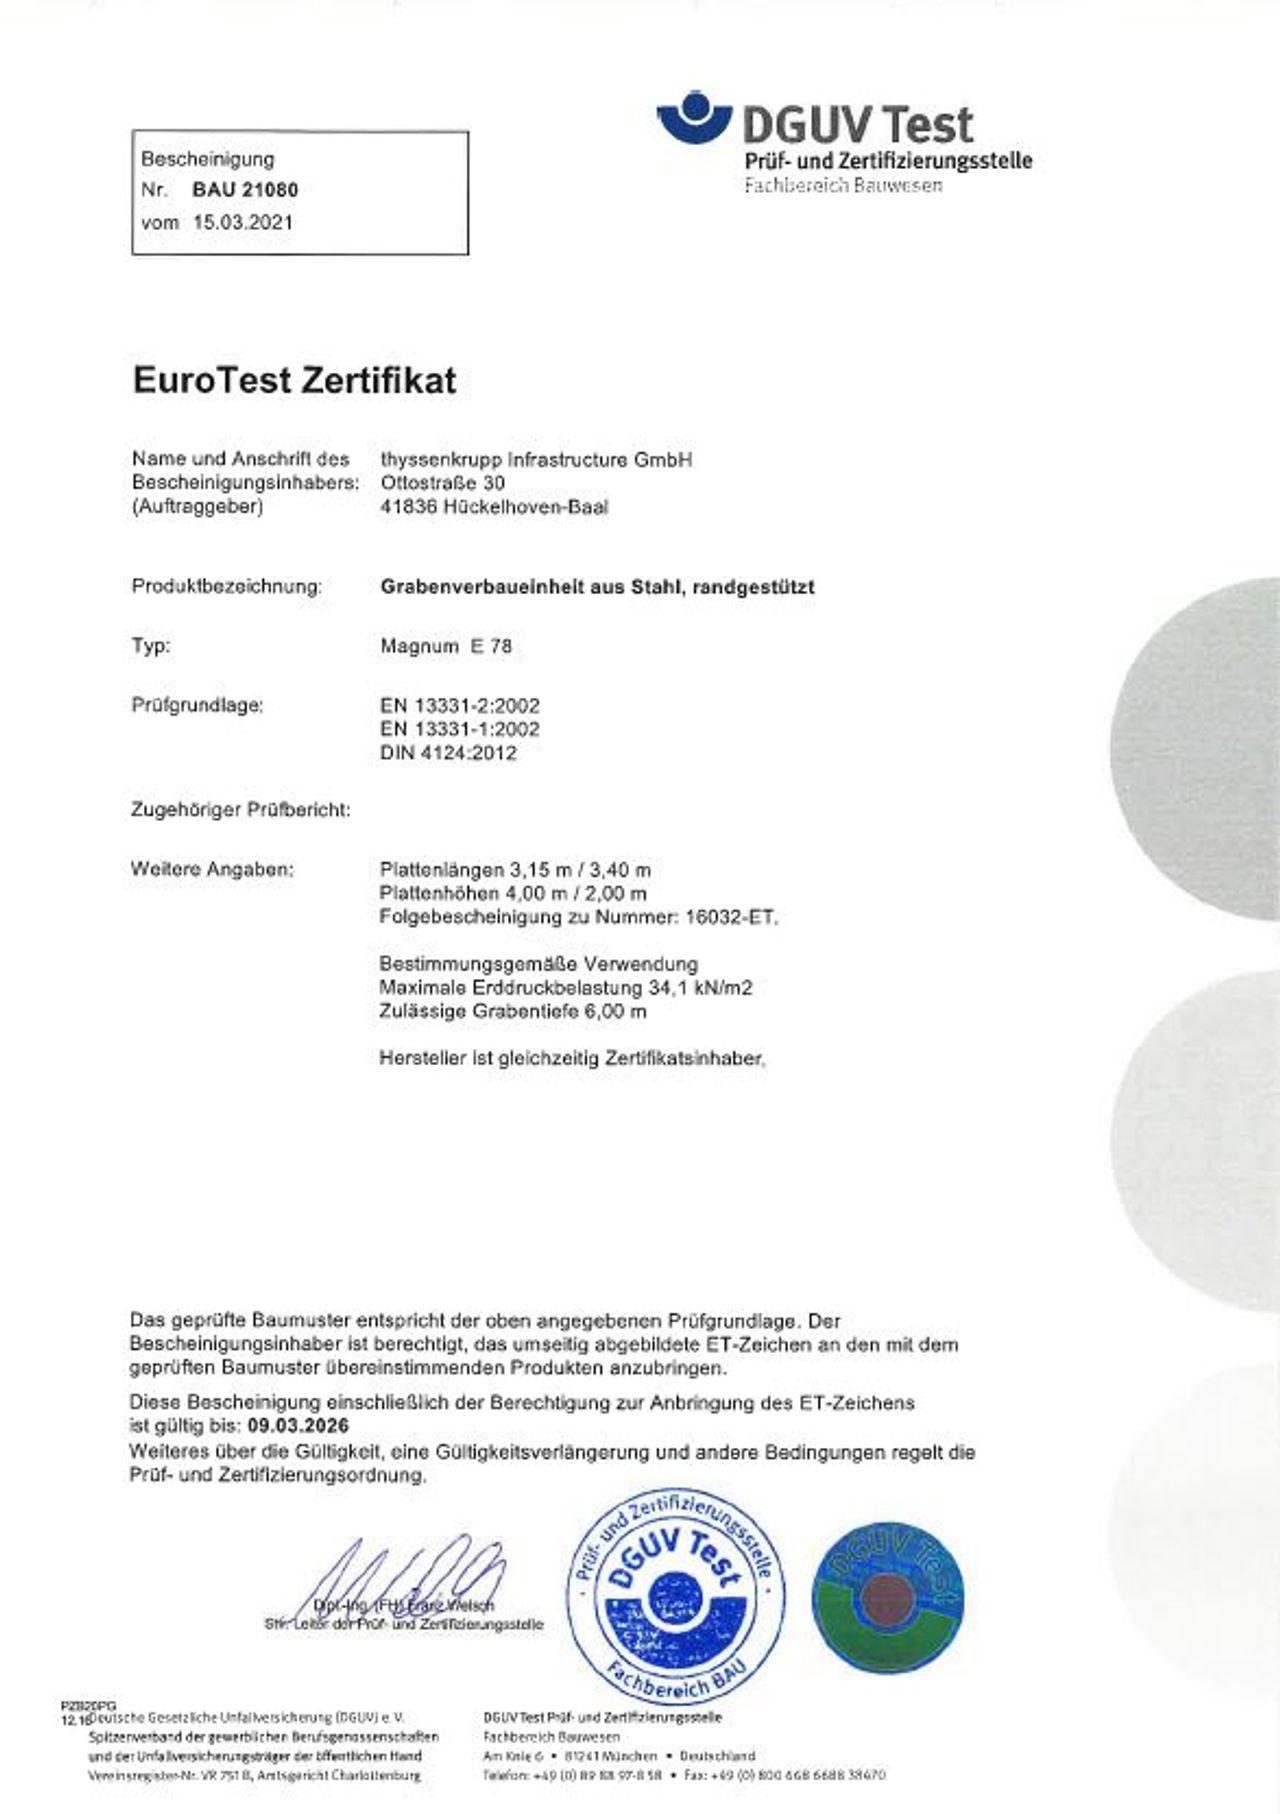 PDF Download Pruefbescheinigung